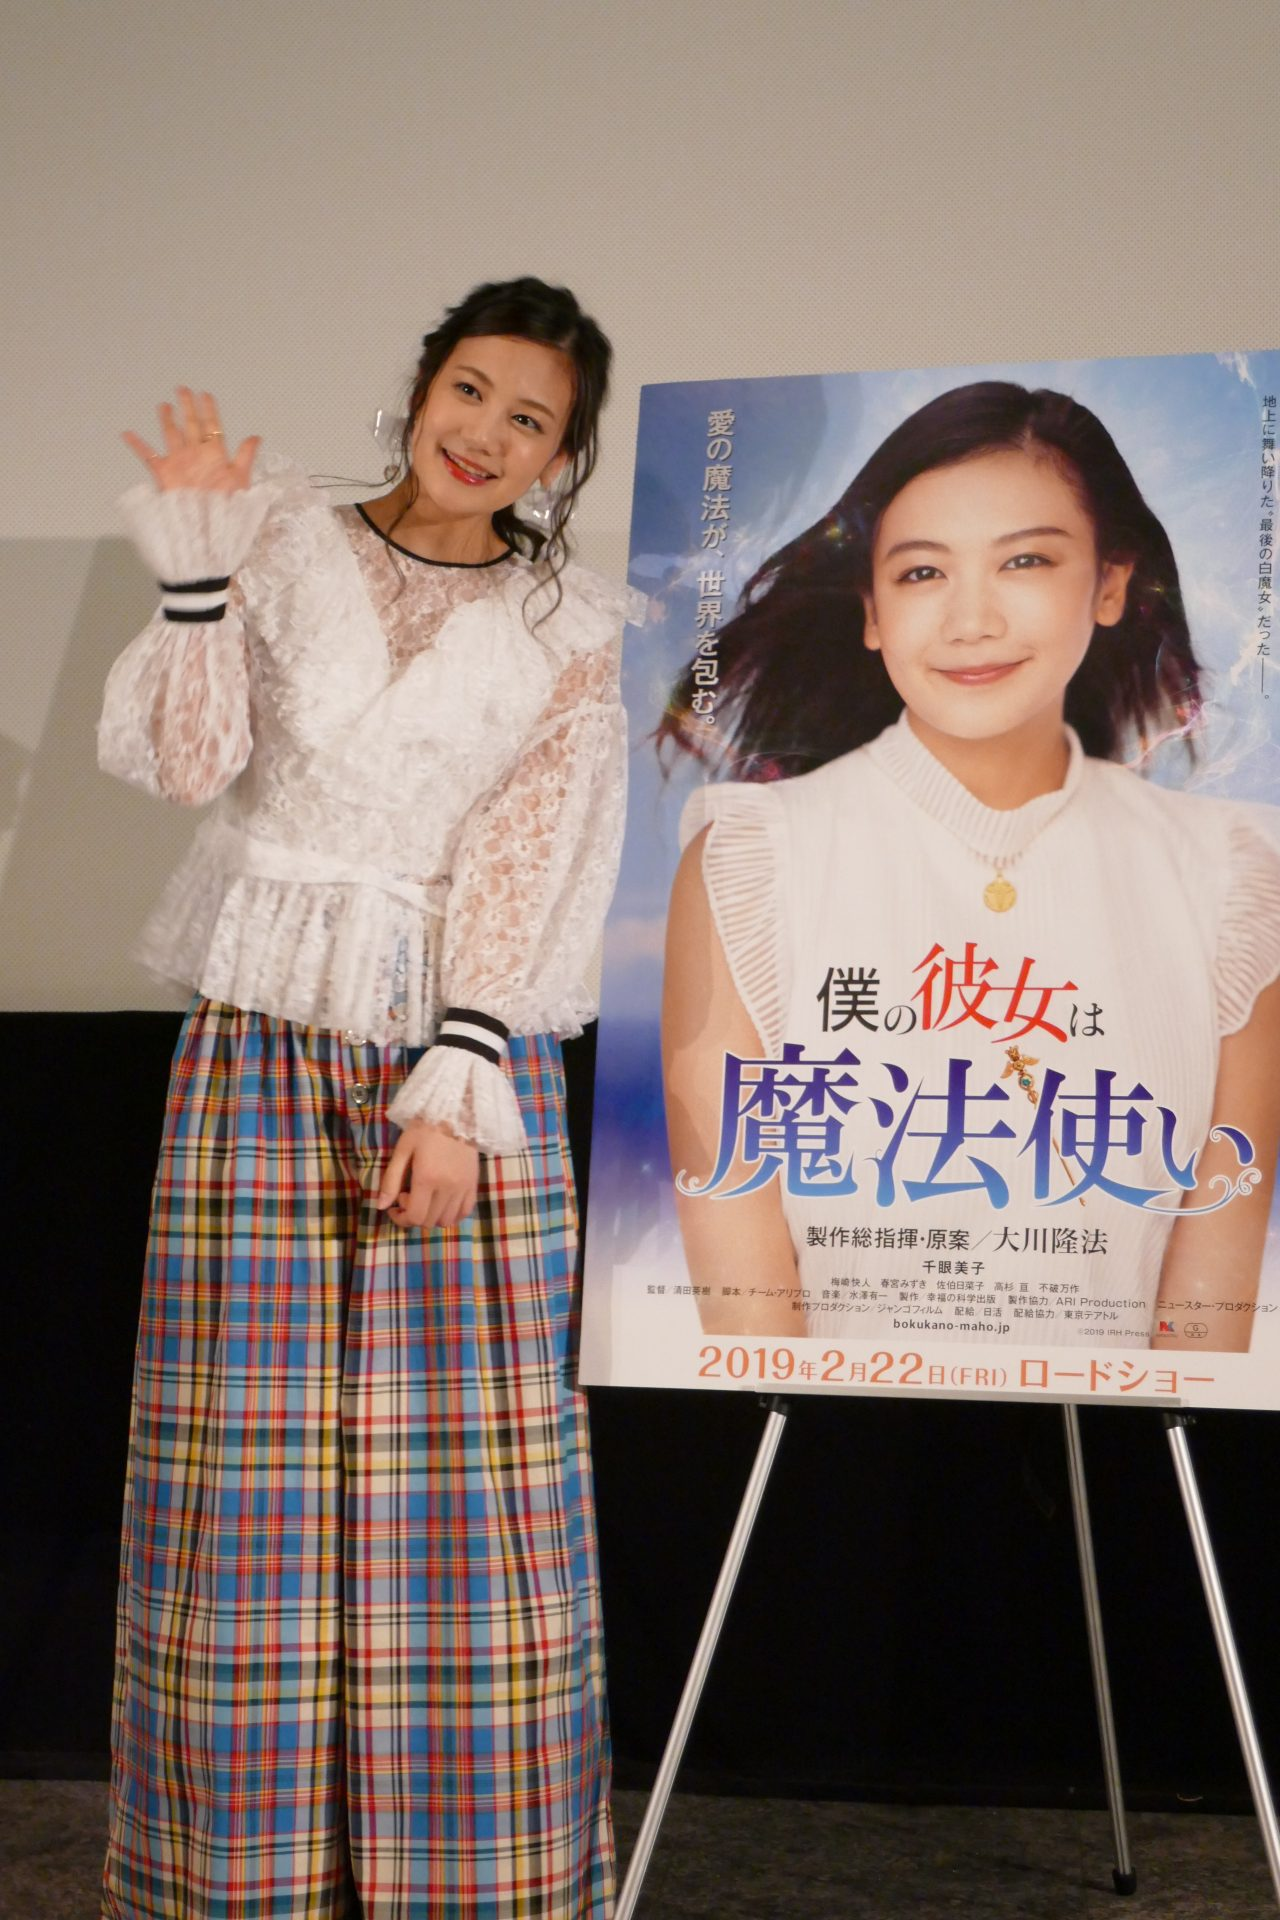 映画『僕の彼女は魔法使い』大ヒット御礼!大阪舞台挨拶